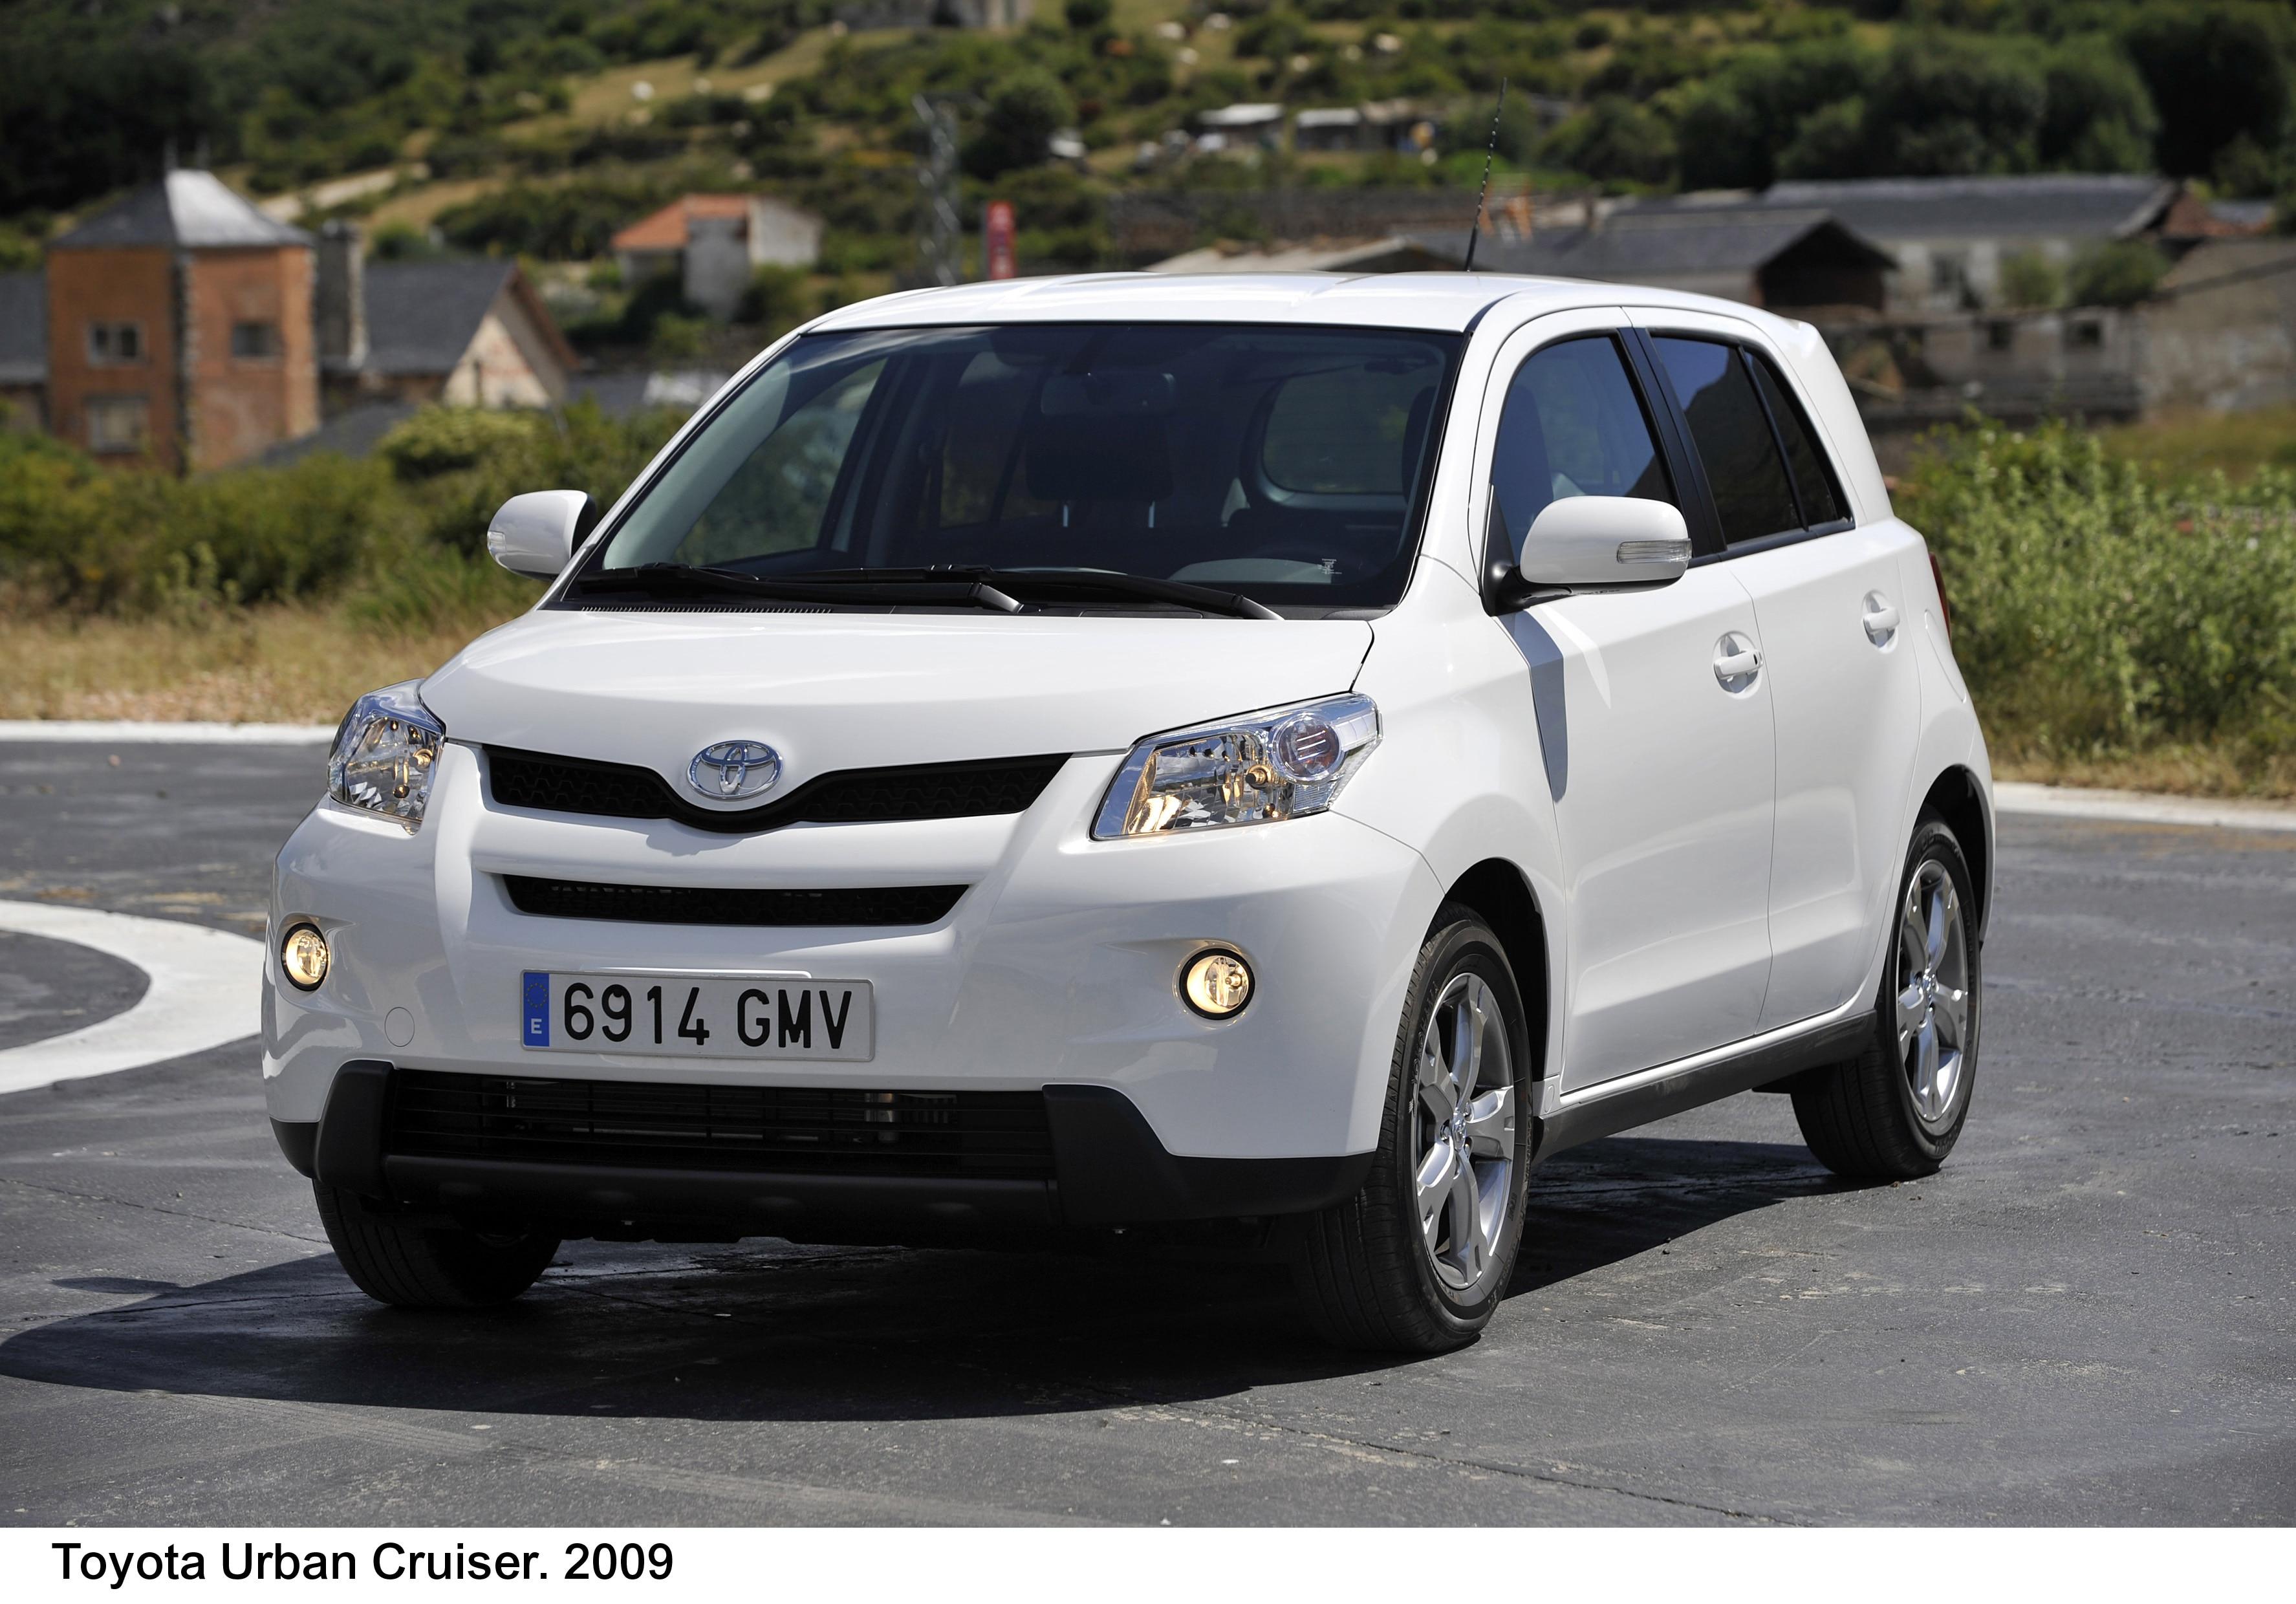 Galería de imágenes y fotos del Toyota